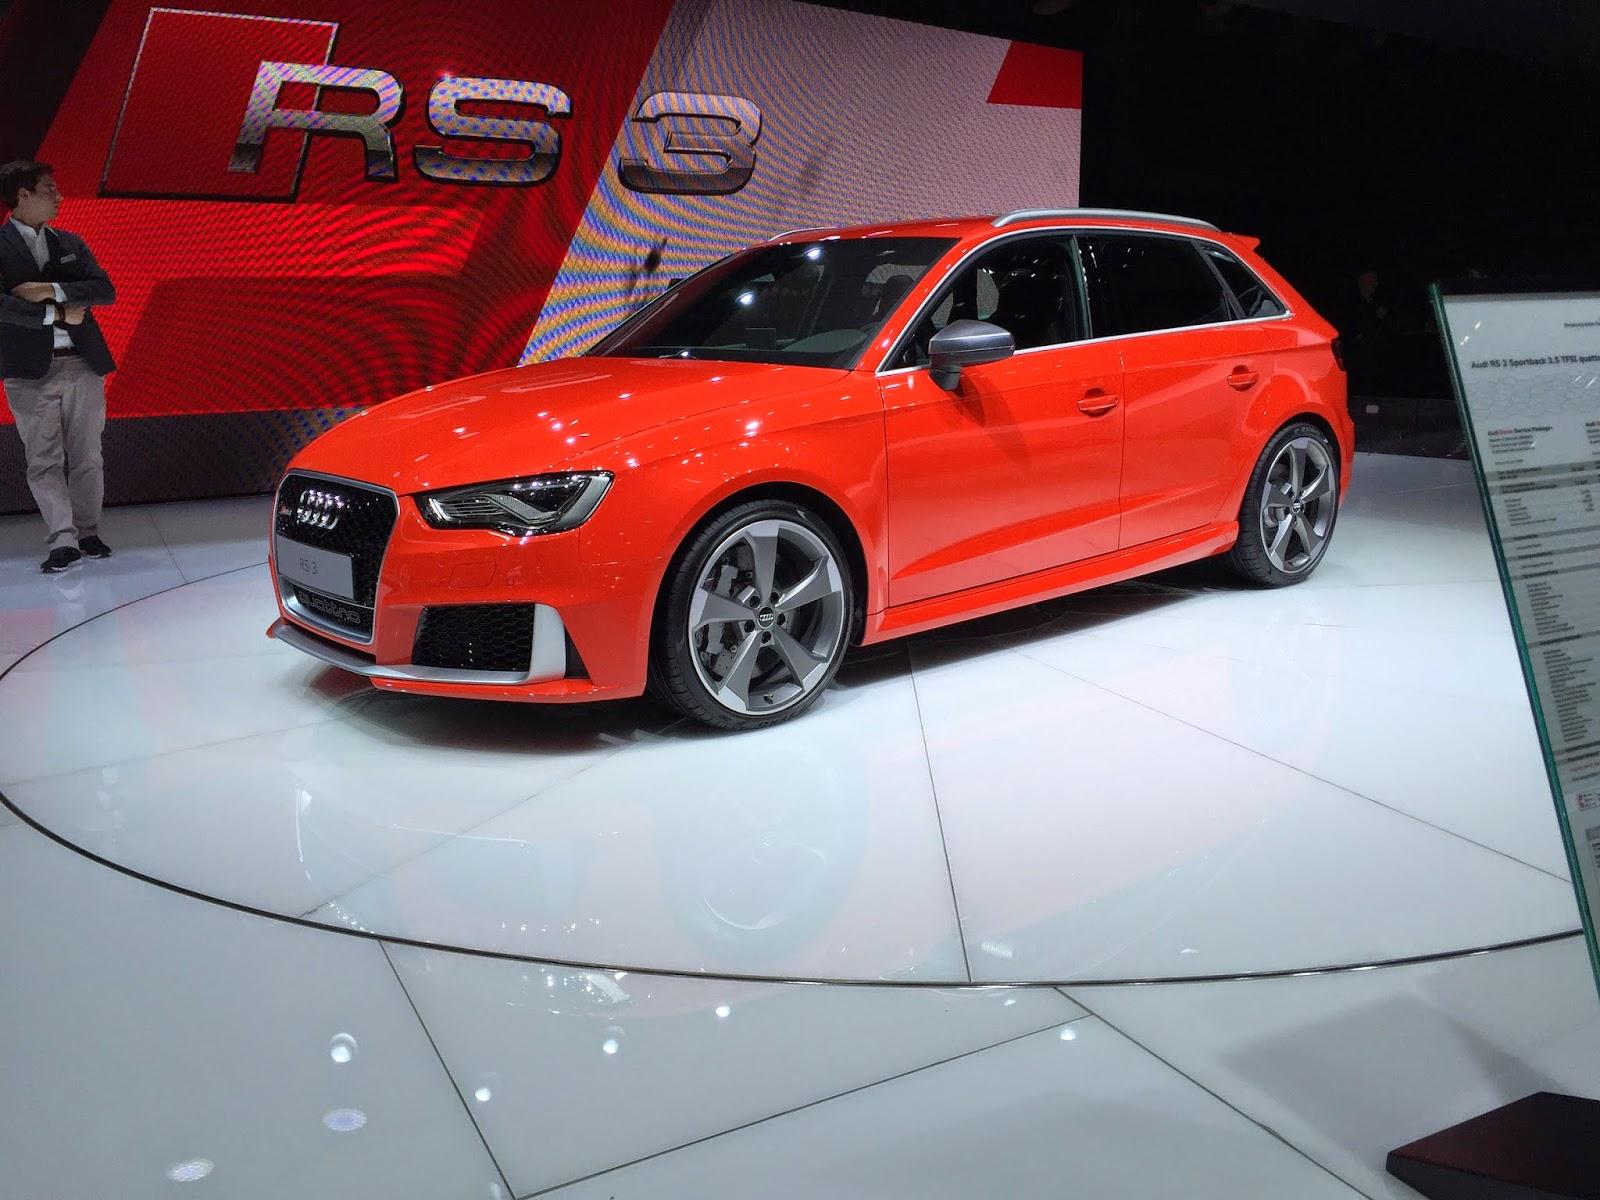 Audi rs3 vs vw golf r vs mercedes a45 amg auto per passione for Audi rs3 scheda tecnica